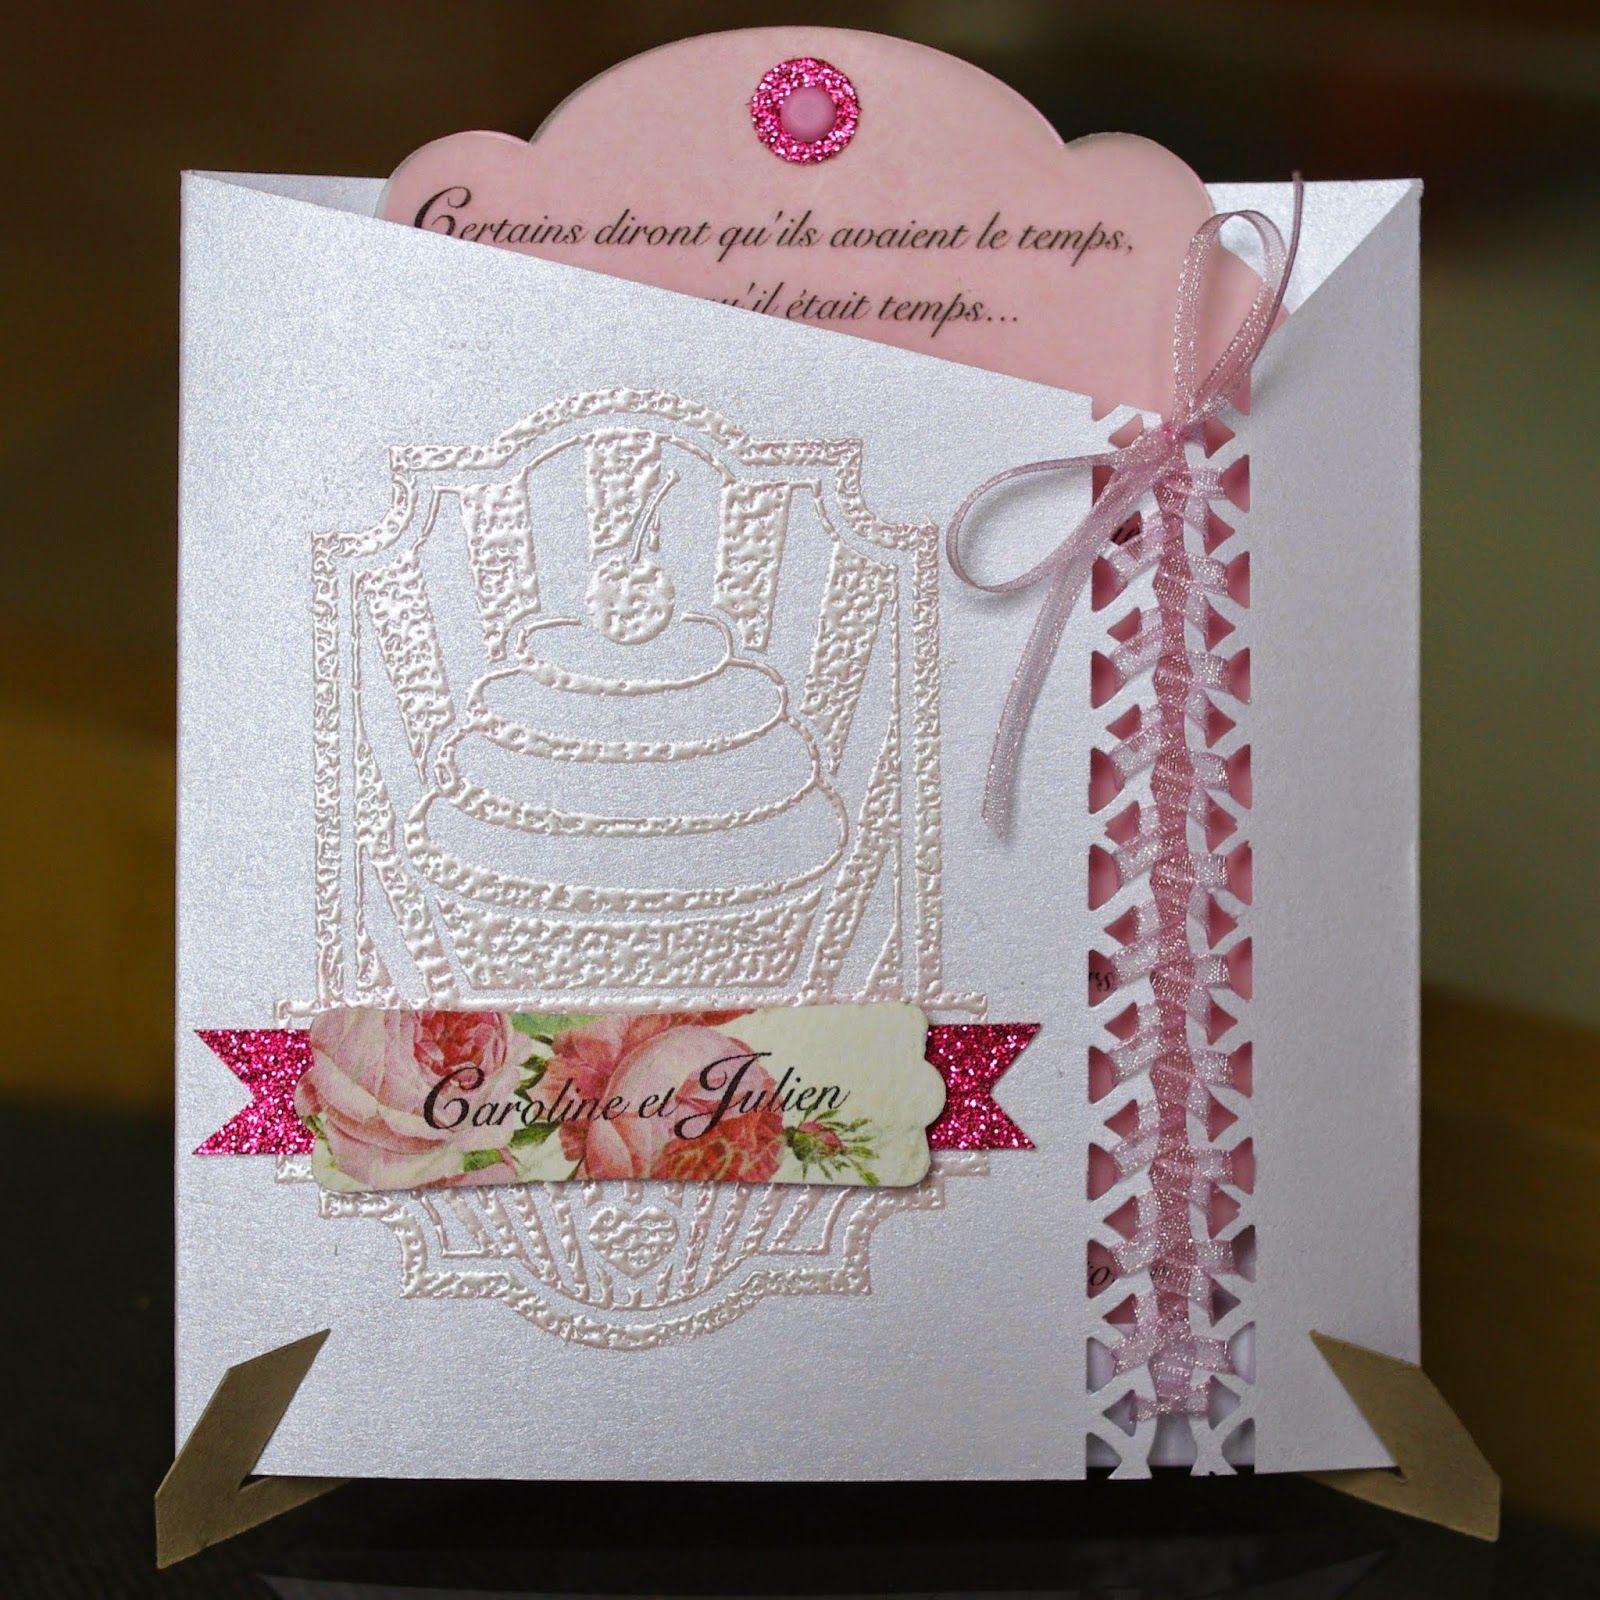 Les Petits Papiers De Melanie Faire Part De Mariage Gourmandise Faire Part Mariage Faire Part Mariage Gourmandise Mariage